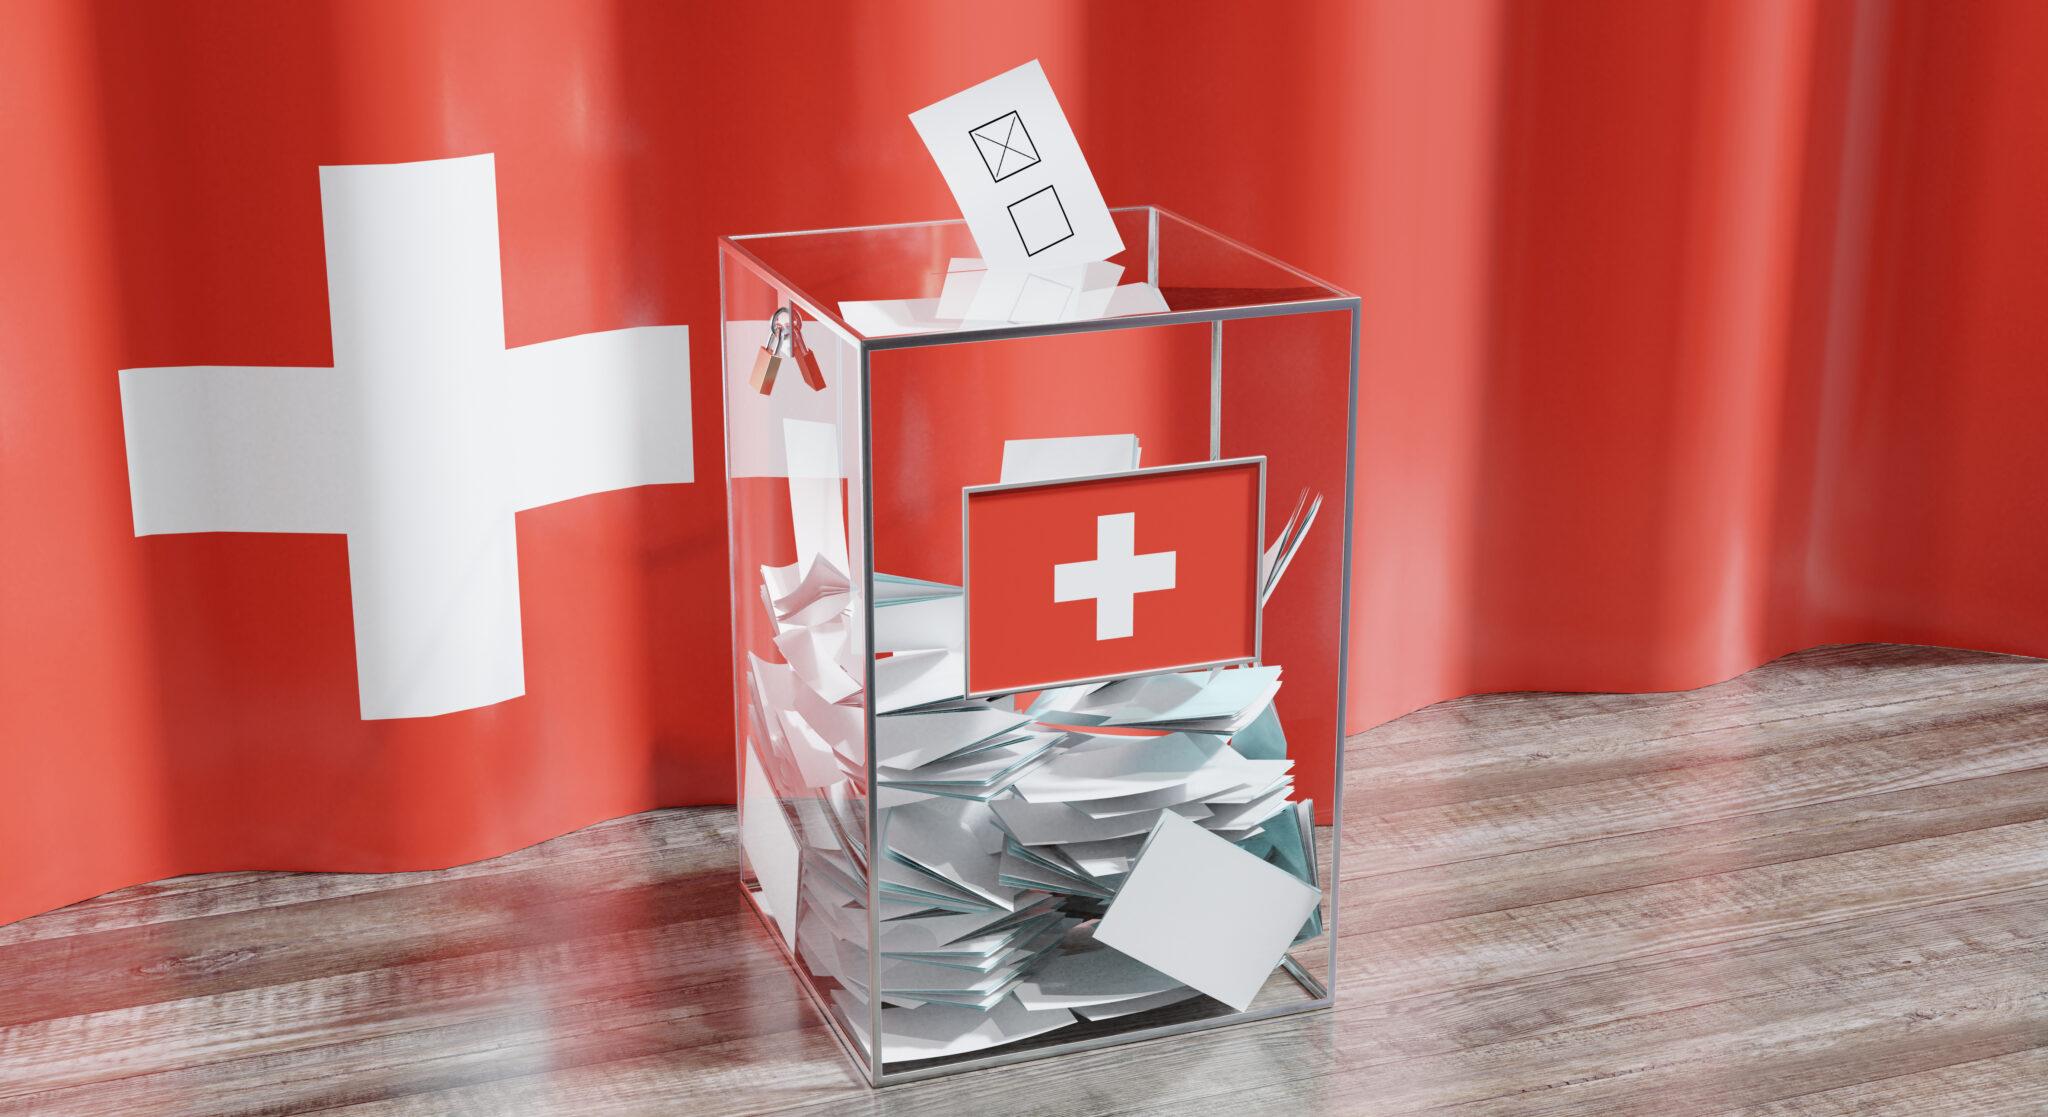 durchsichtige Wahlurne mit Schweizer Flagge.